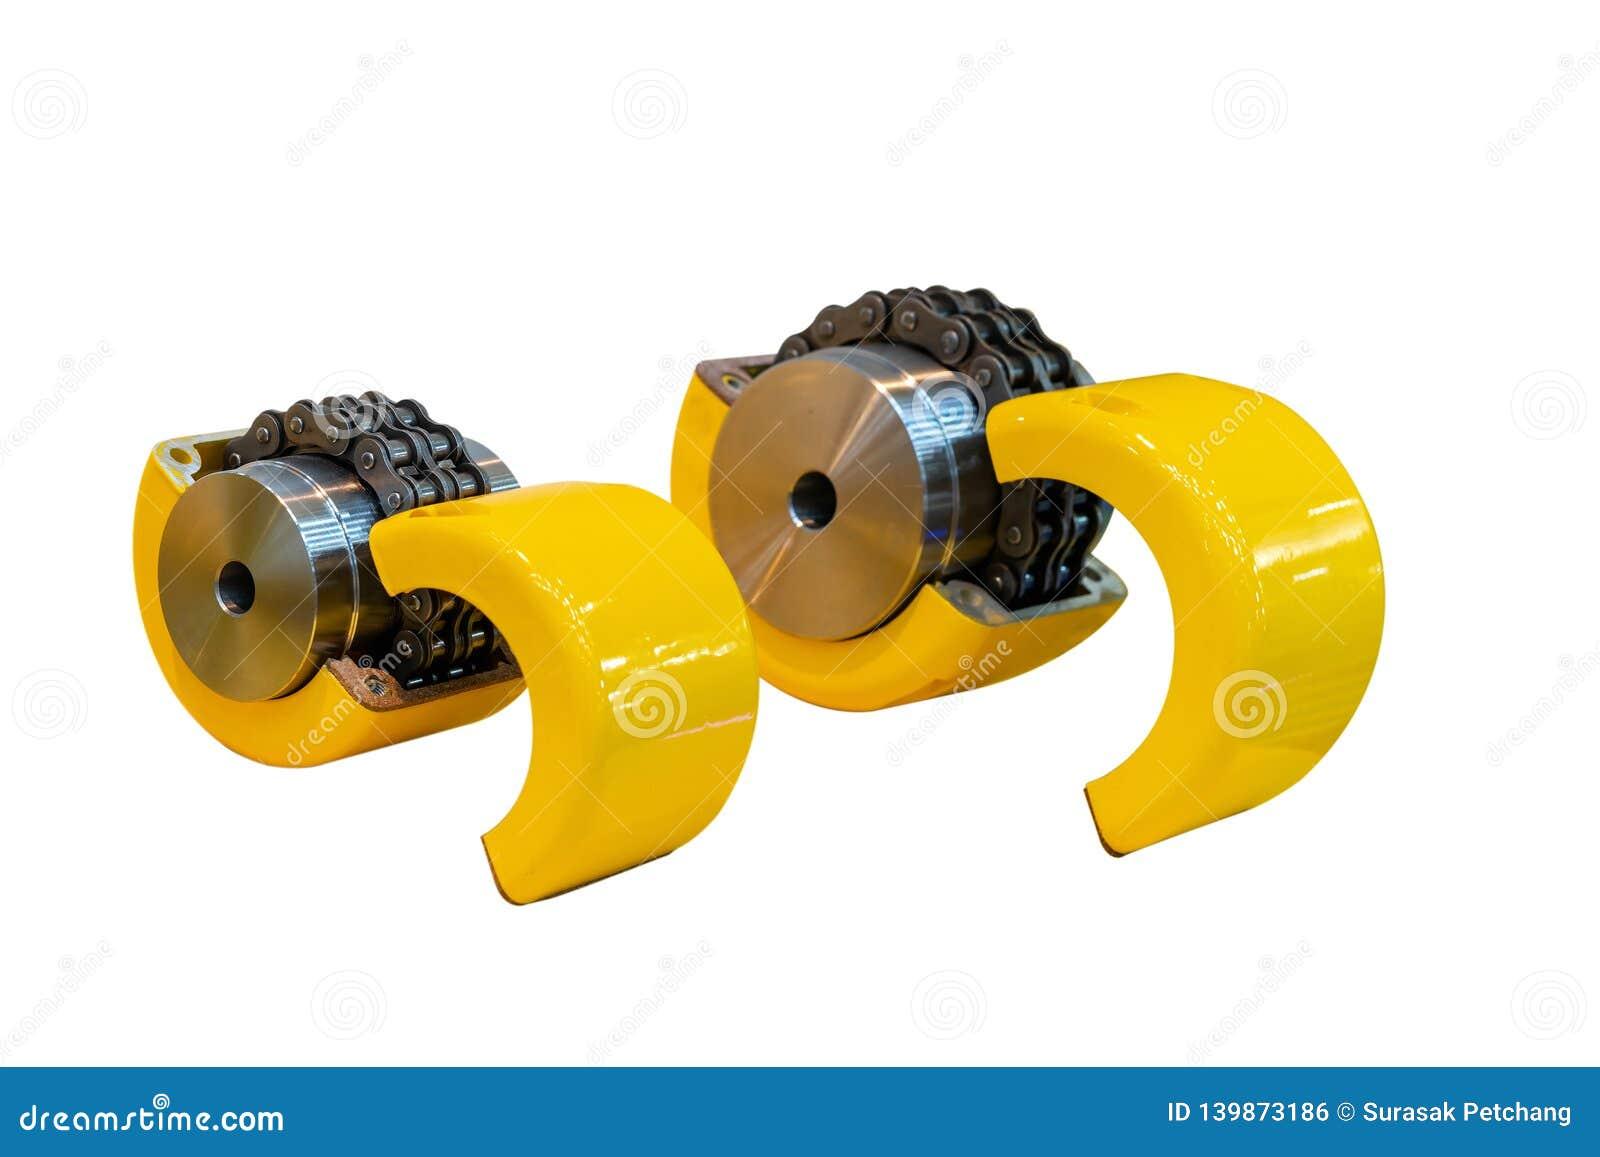 Ny böjlig kedjekoppling för överföringsmakt i för två-tråd för industriellt arbete kedjor rulle typ för omkring två tandhjul